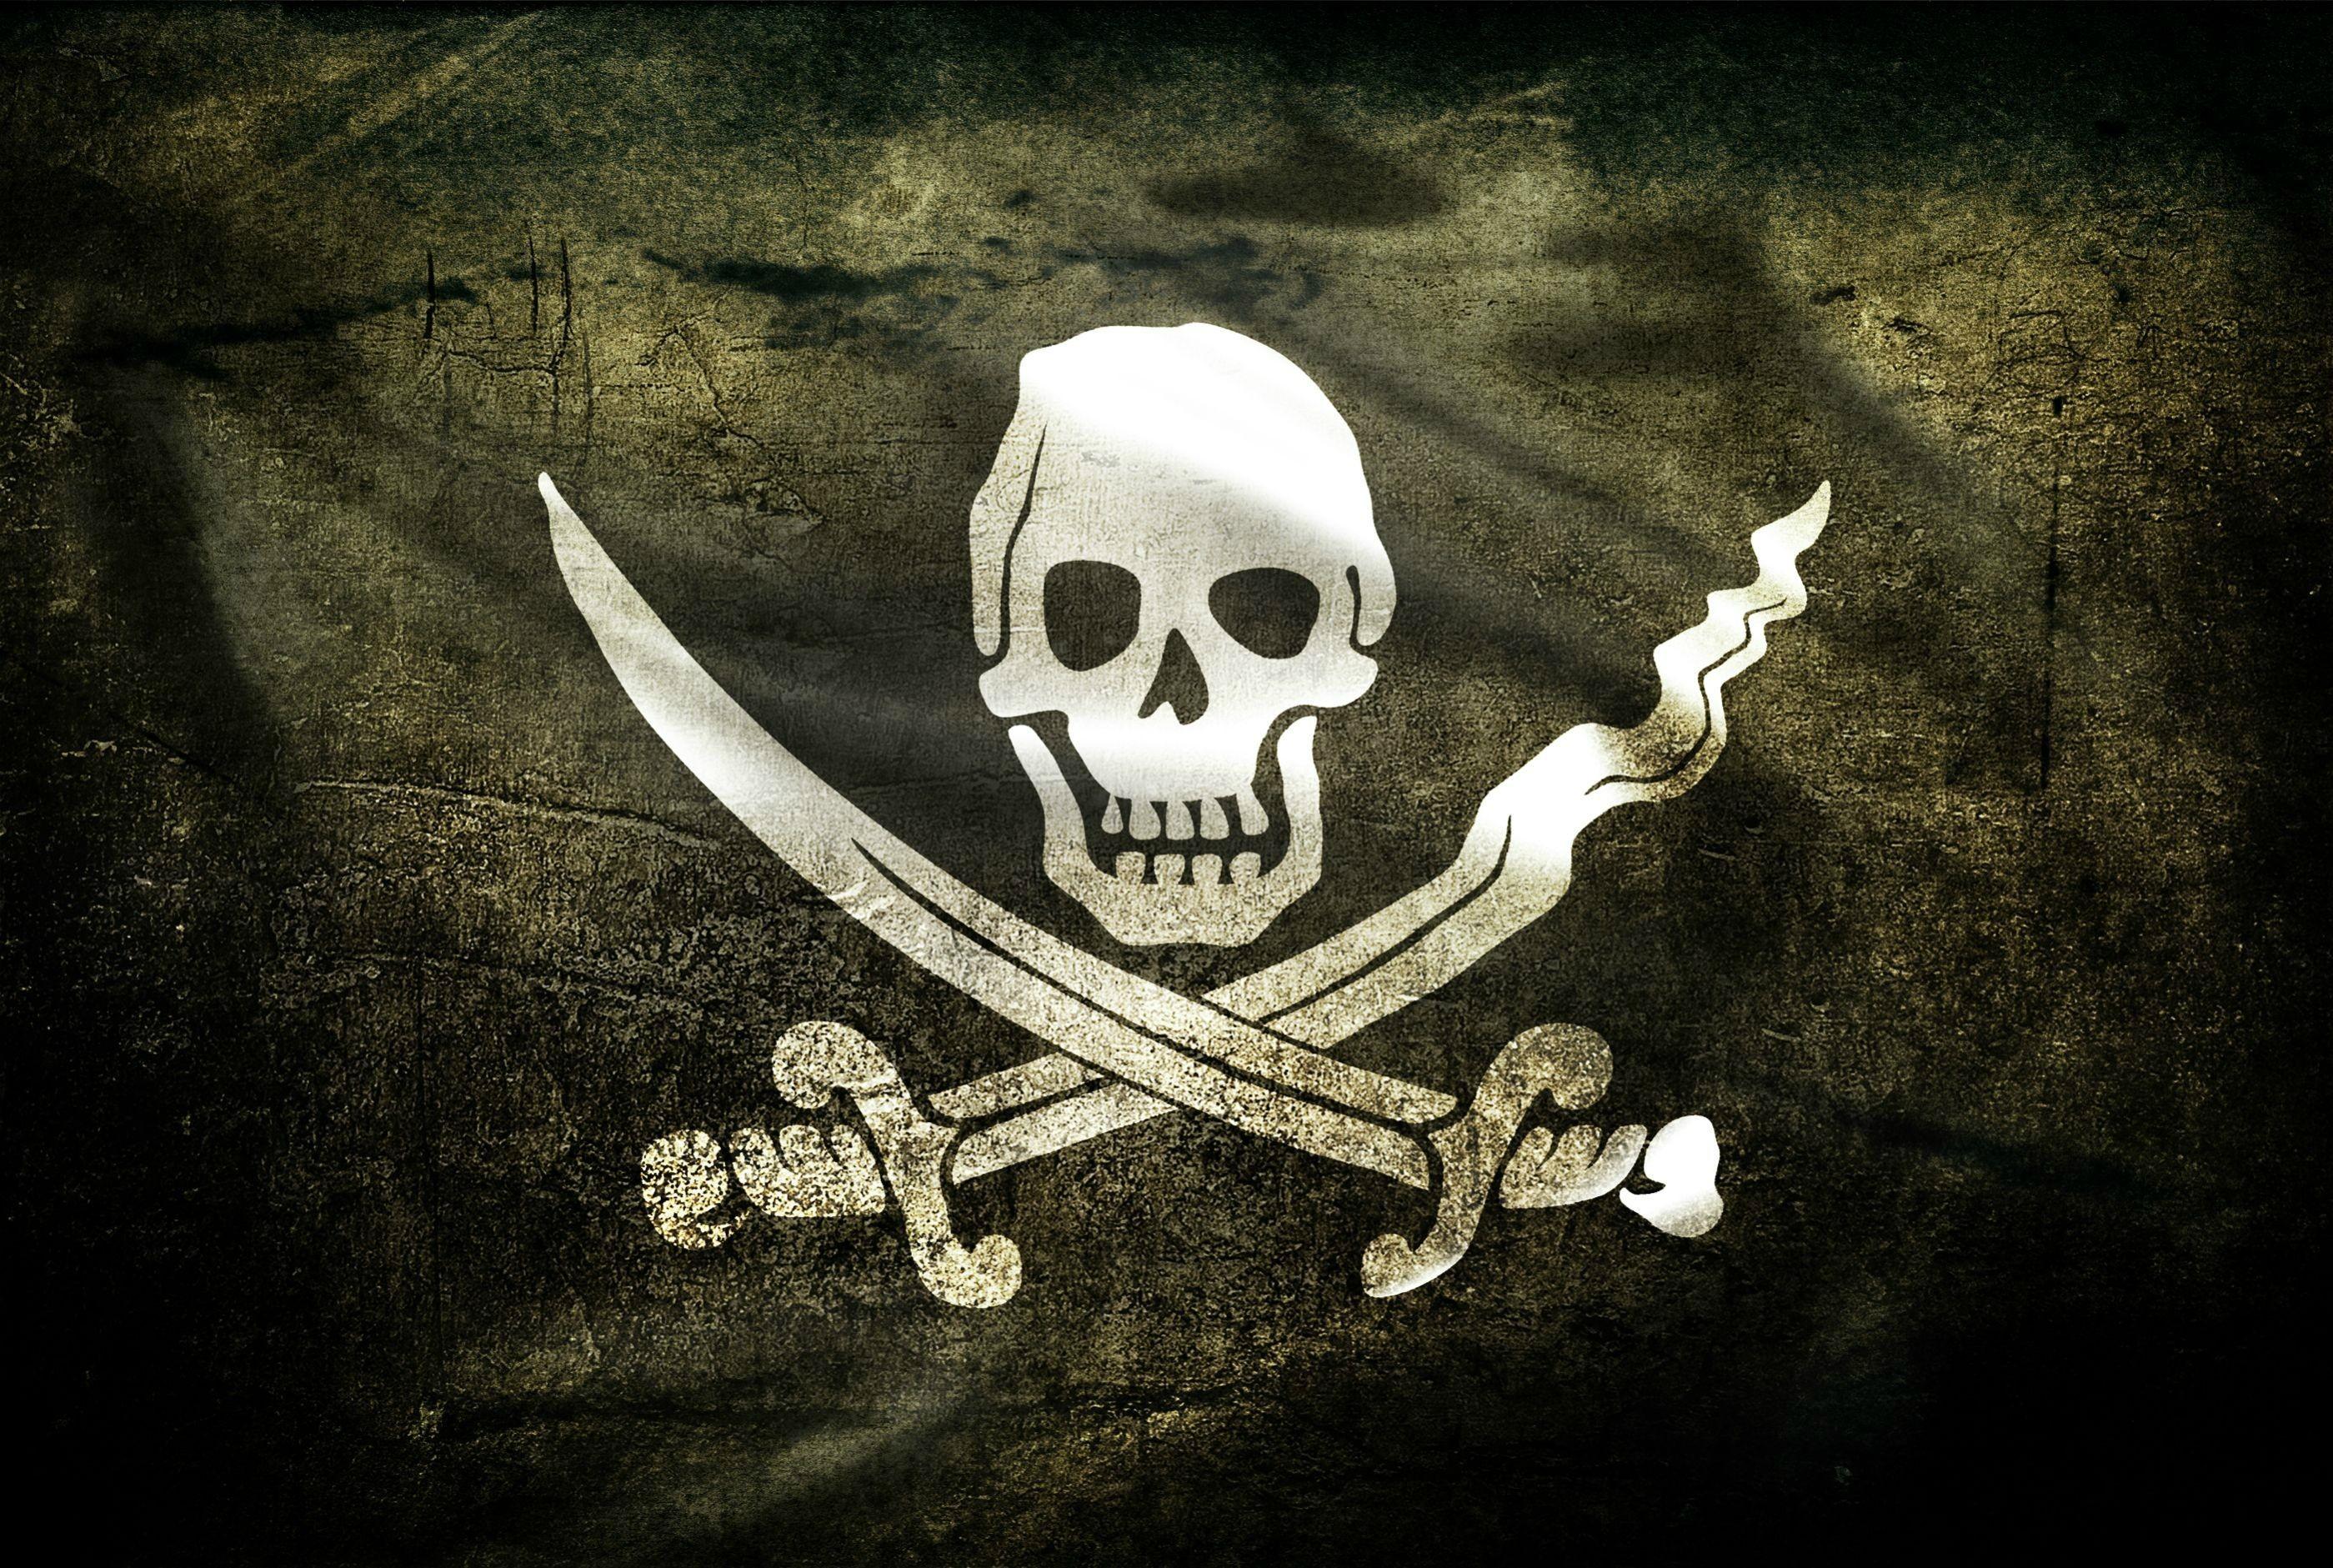 ск бесп пірат 13 на анд время отправления станции